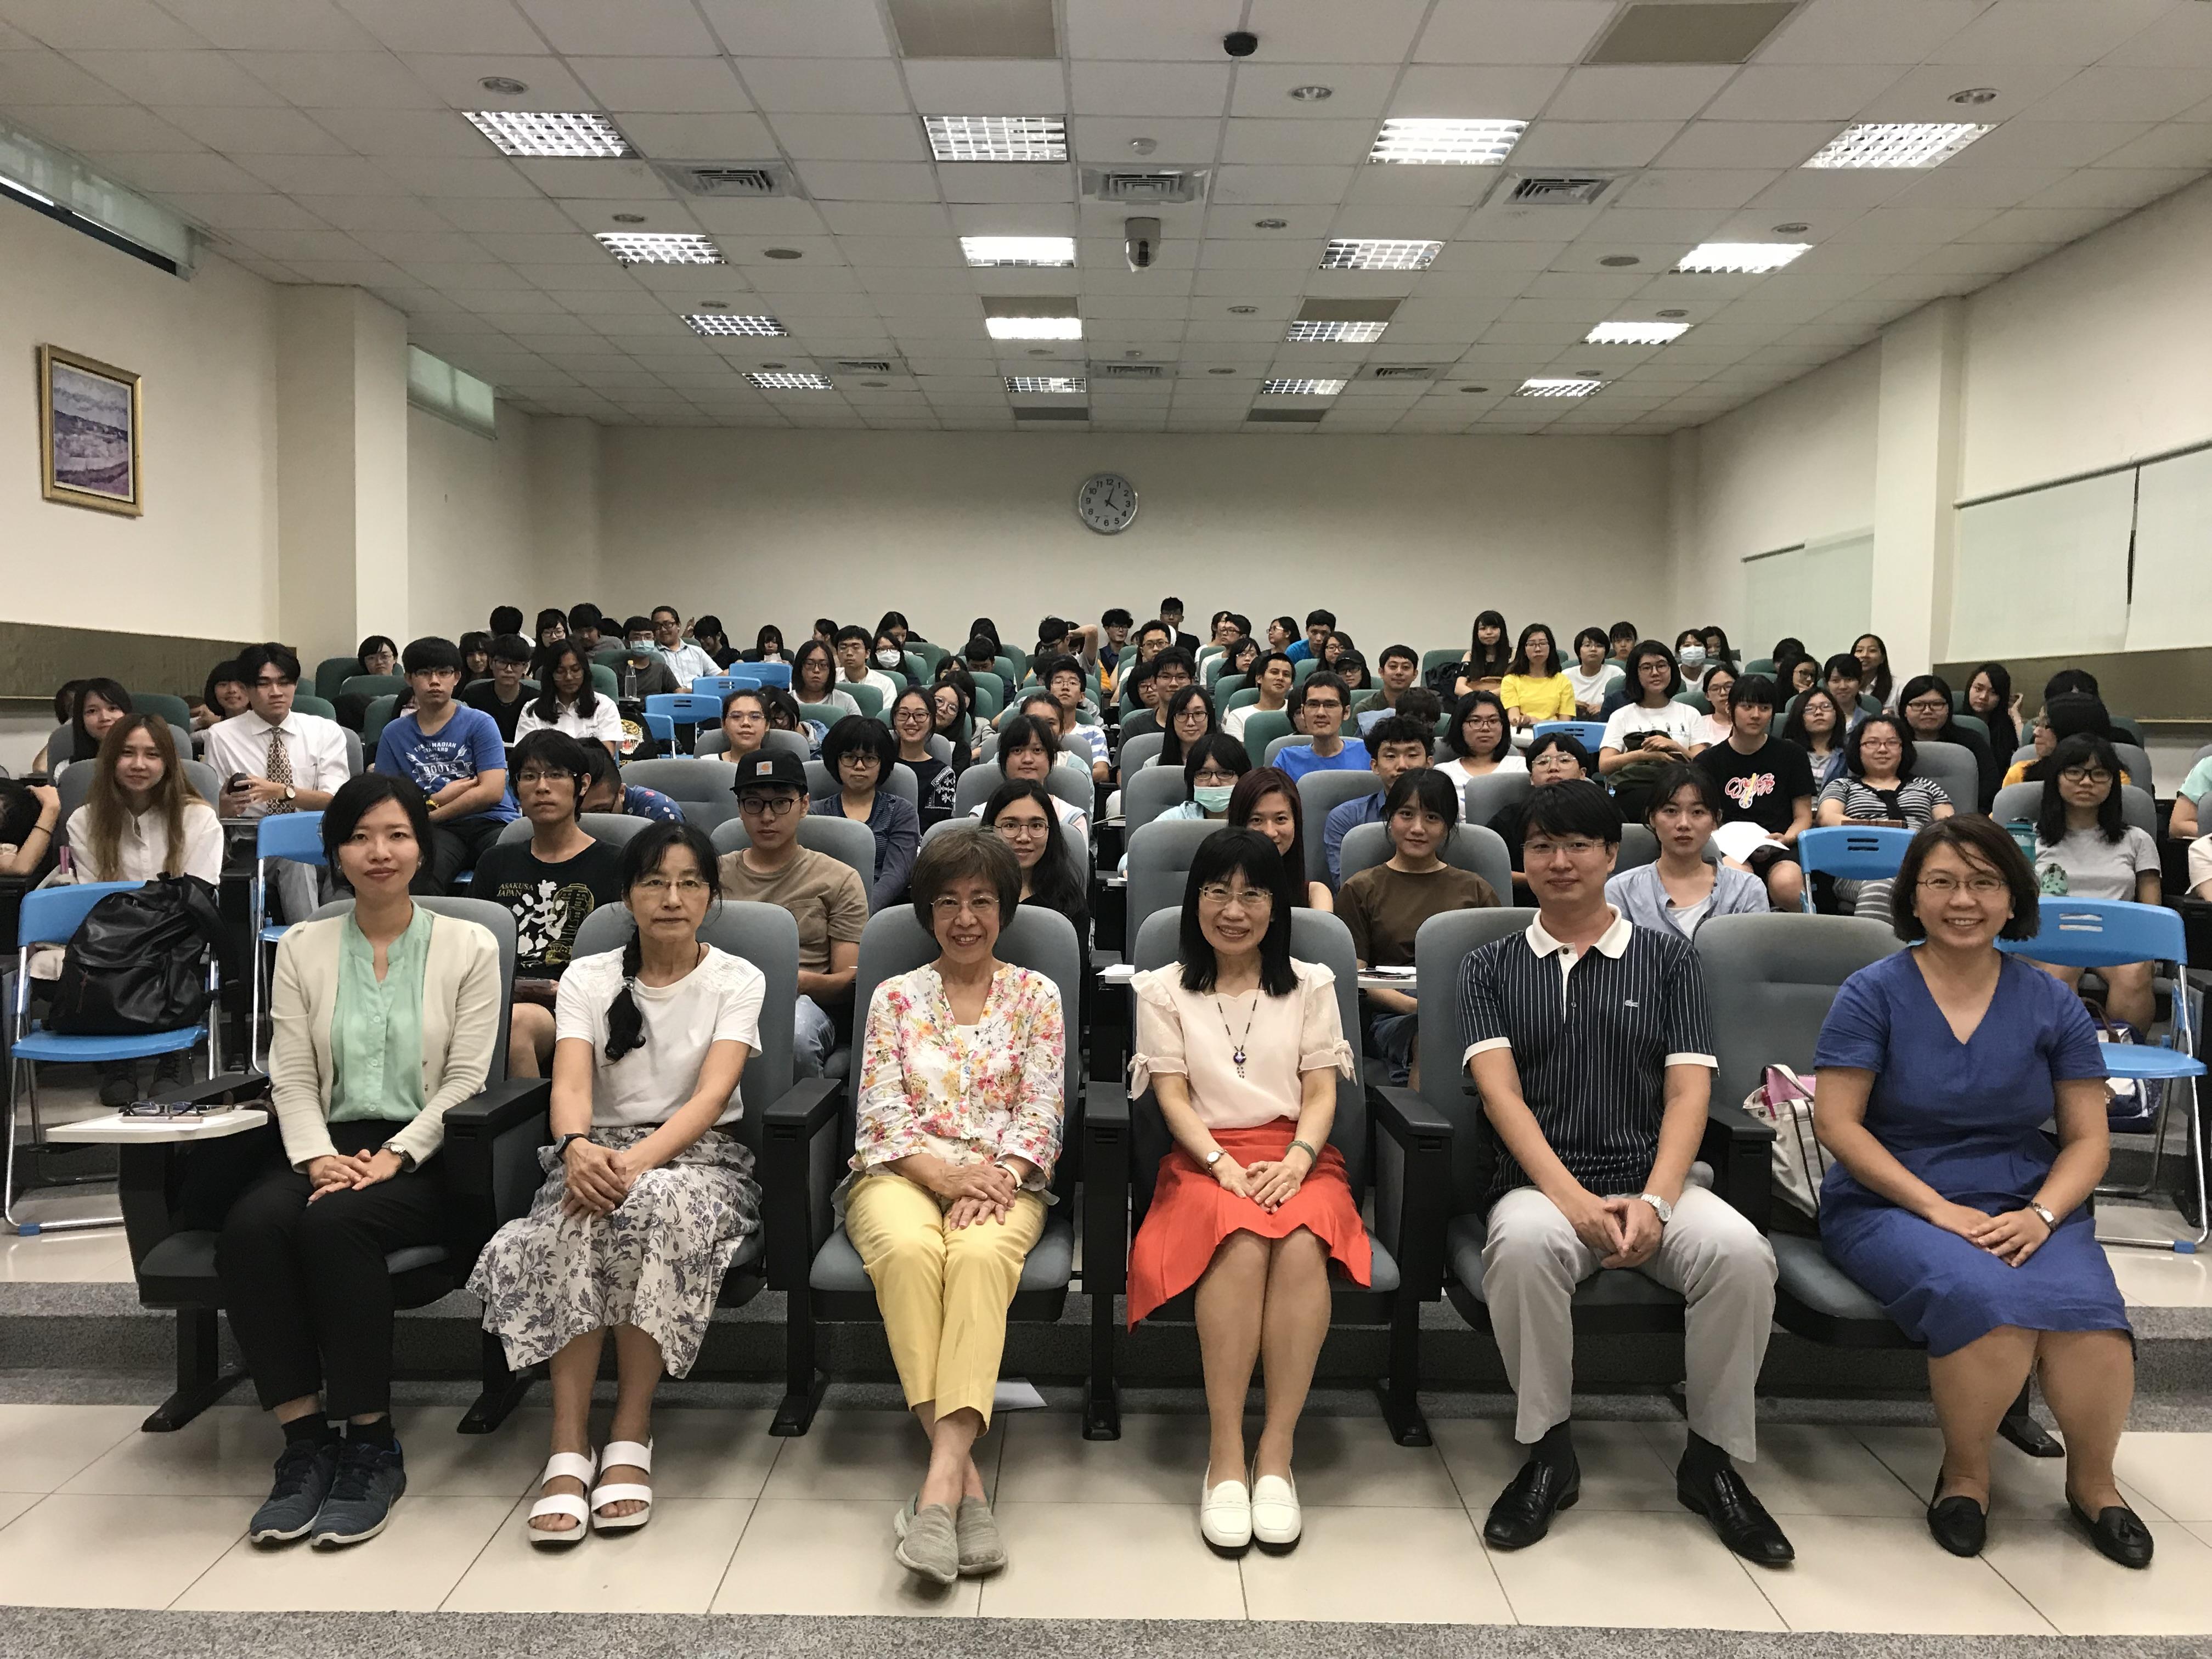 2018/05/30「翻譯村上春樹」講座